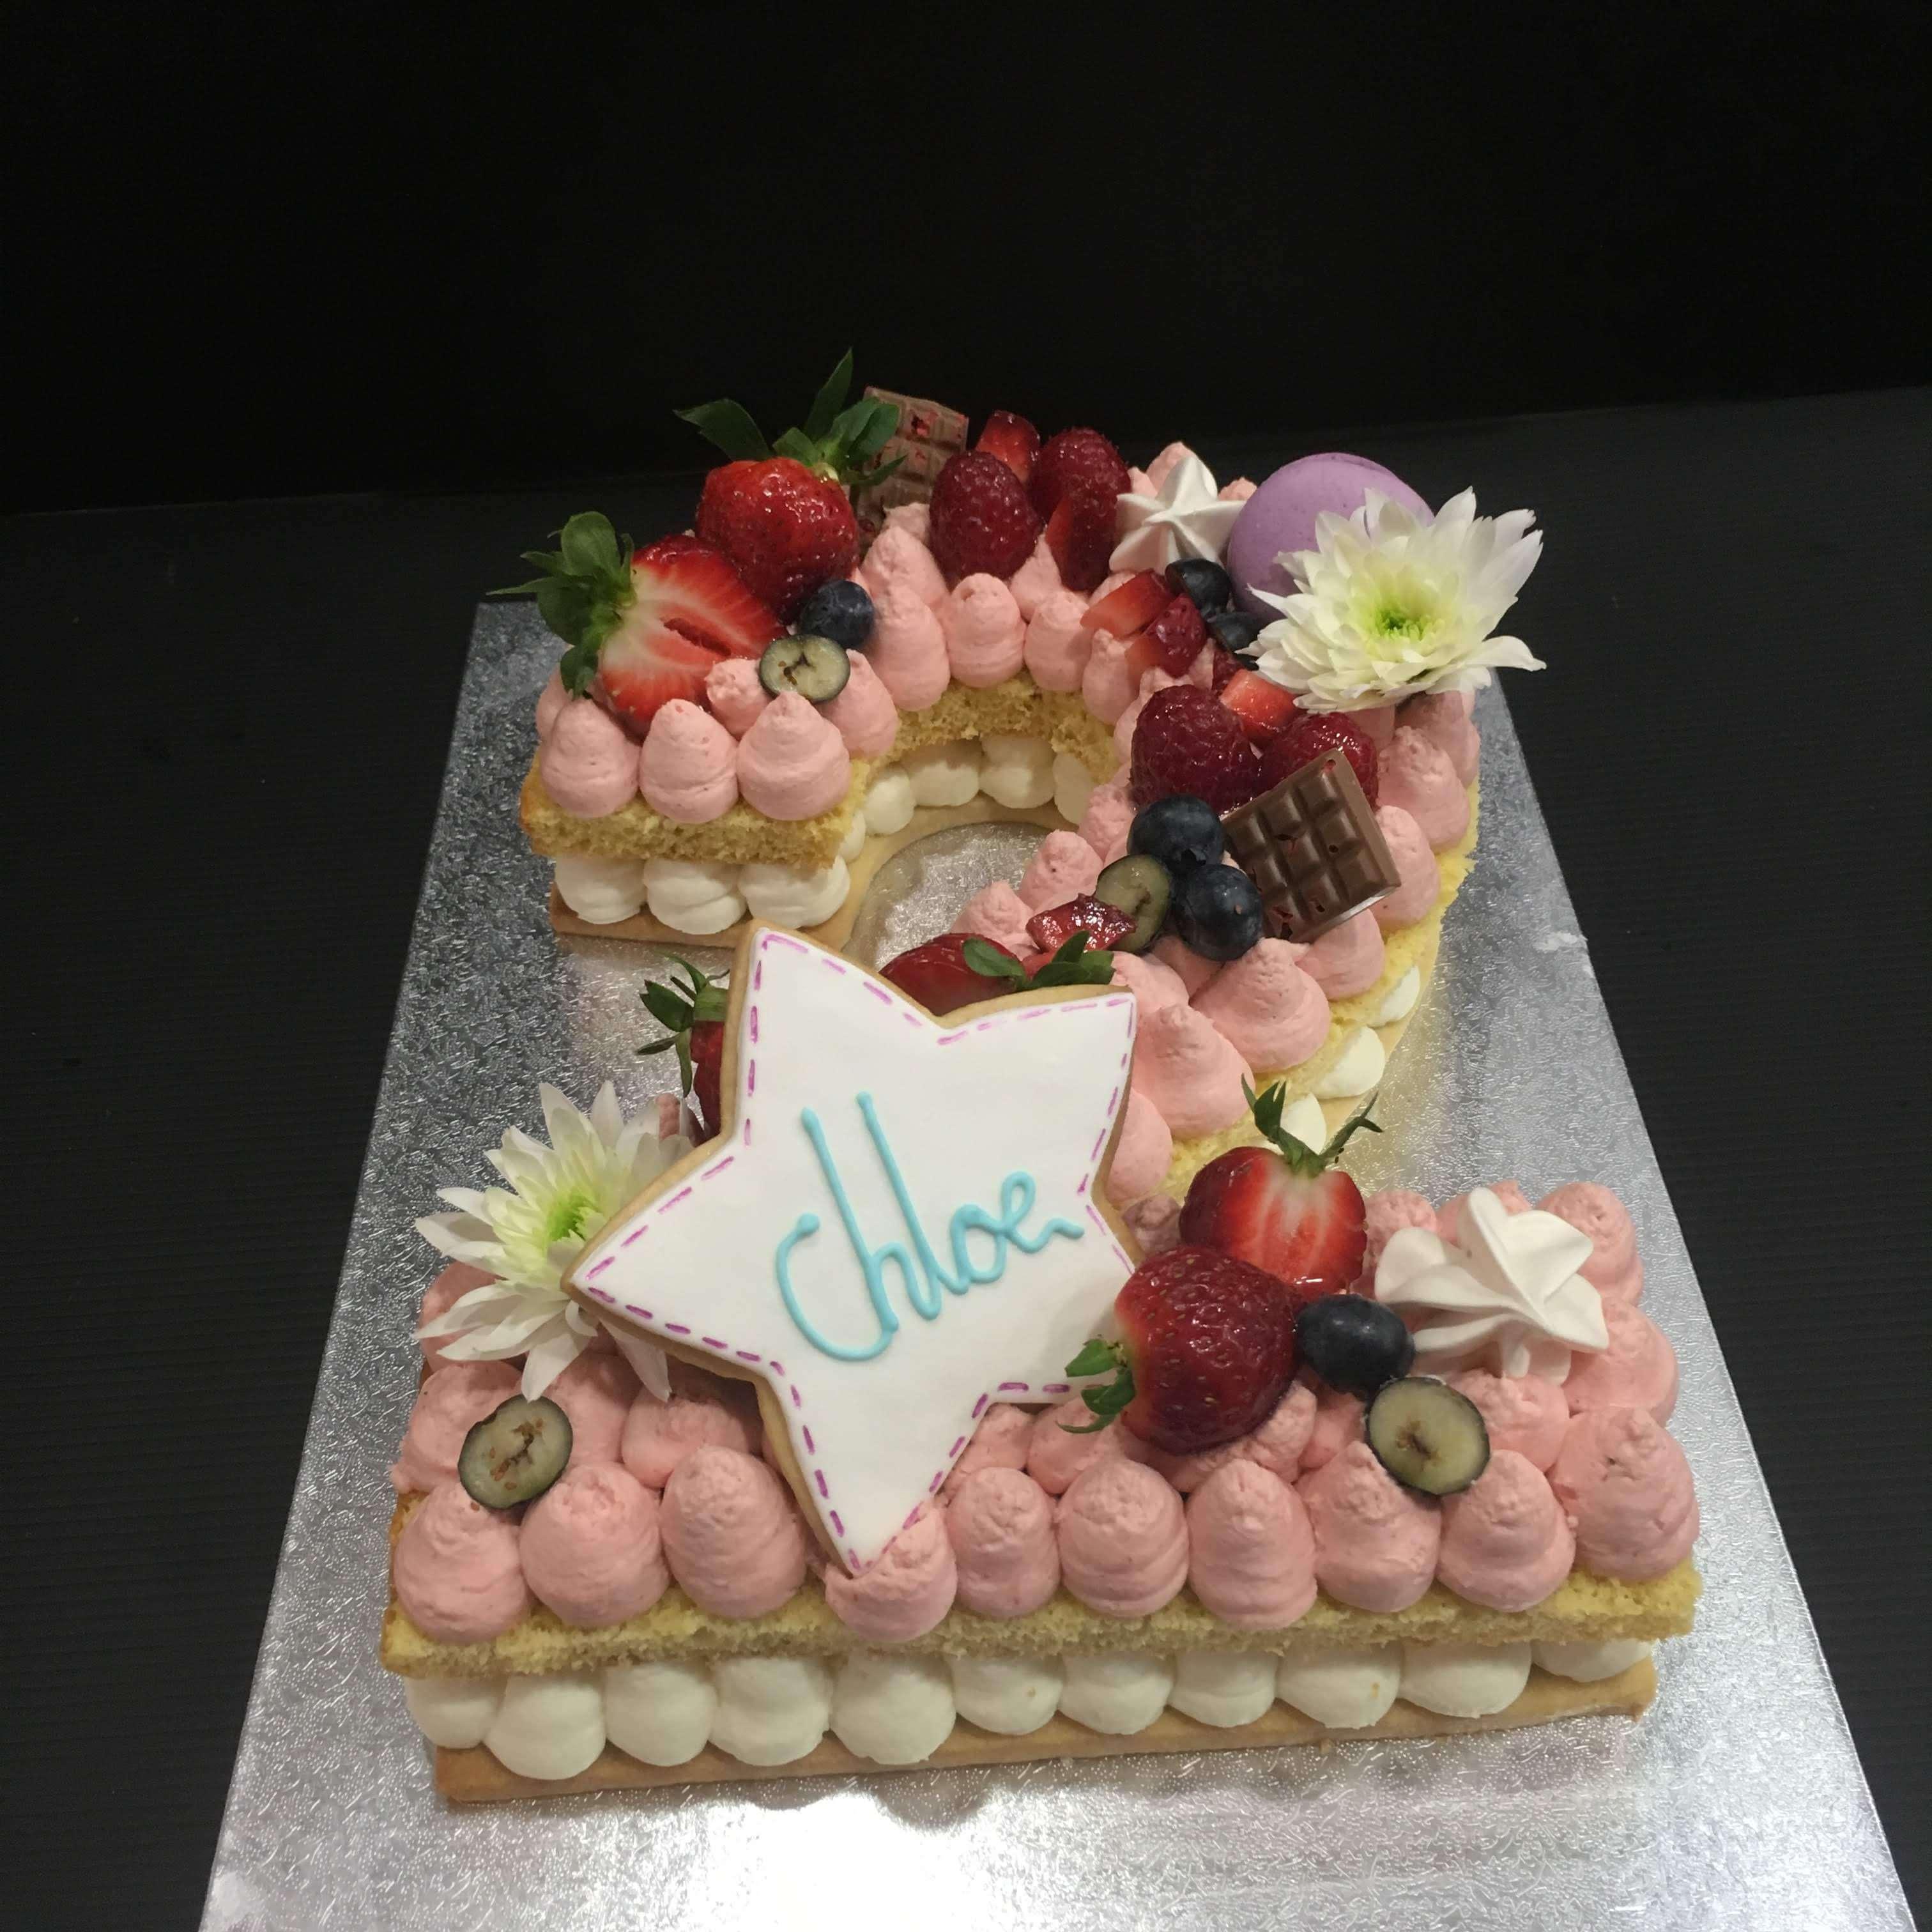 letter cake tarta Numeros o letras cumpleaños coruña personalizada  letras y flores preciosa y rica letter cake tarta Numeros o letras cumpleaños coruña personalizada  letras y flores preciosa y rica